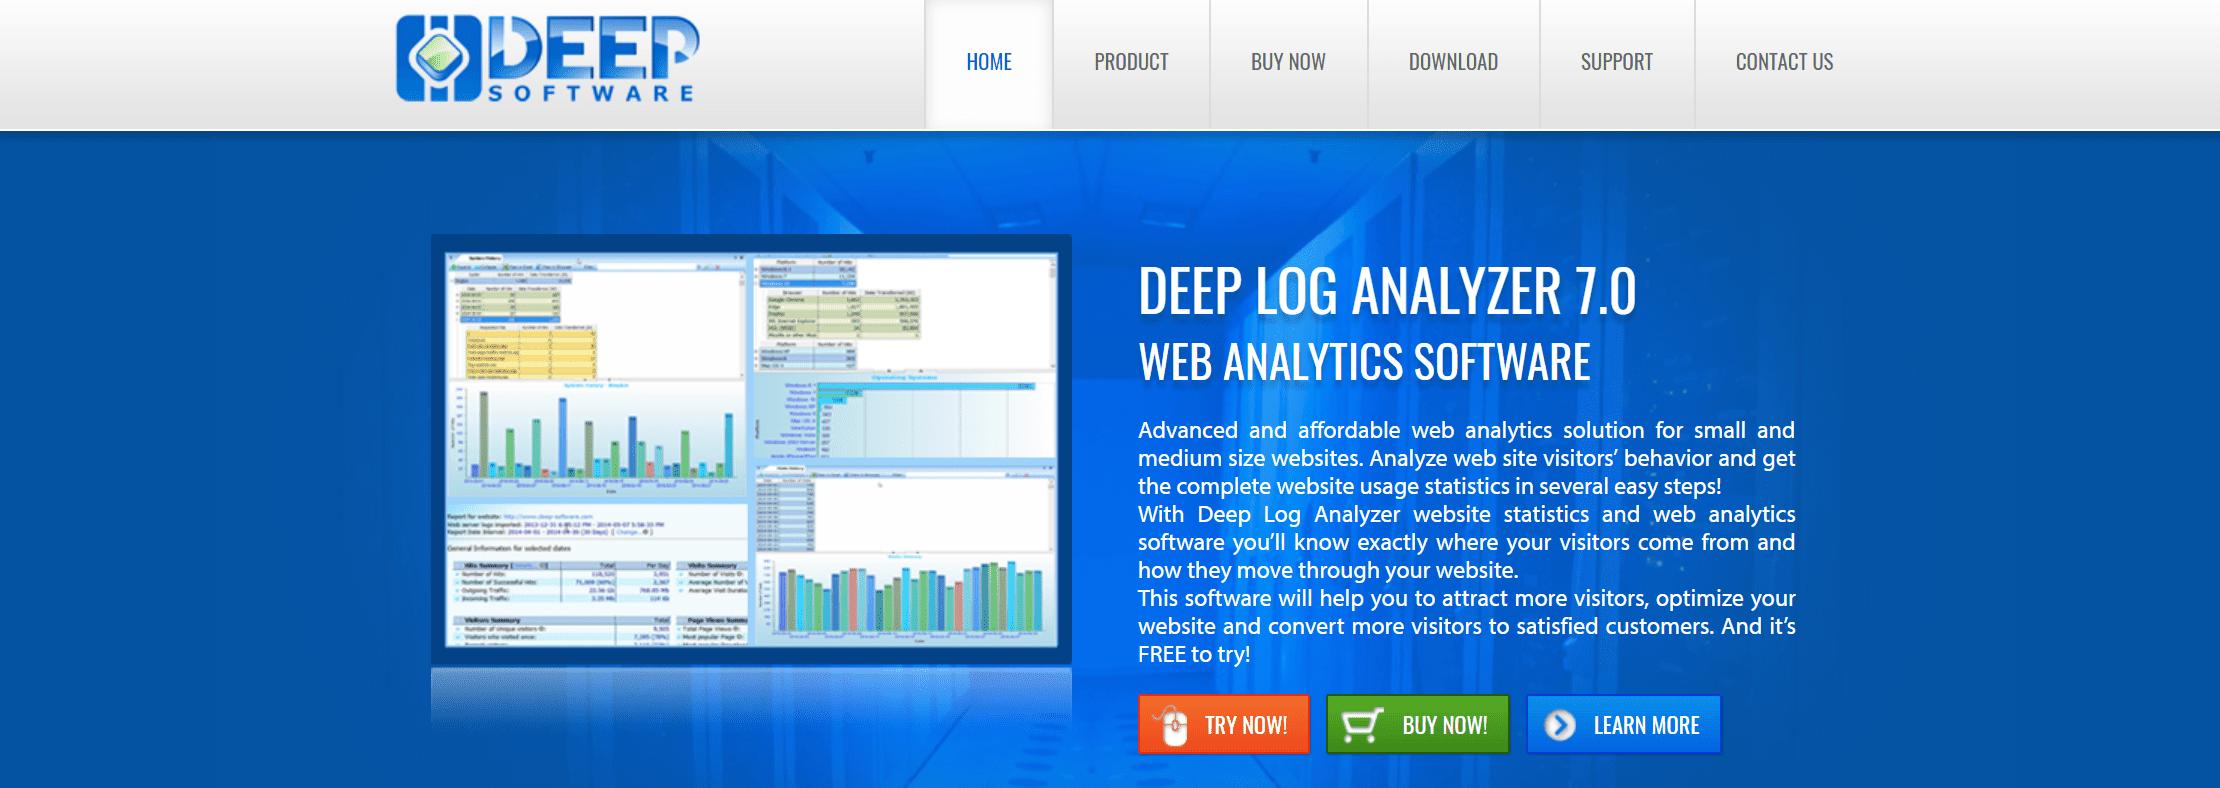 Deep software